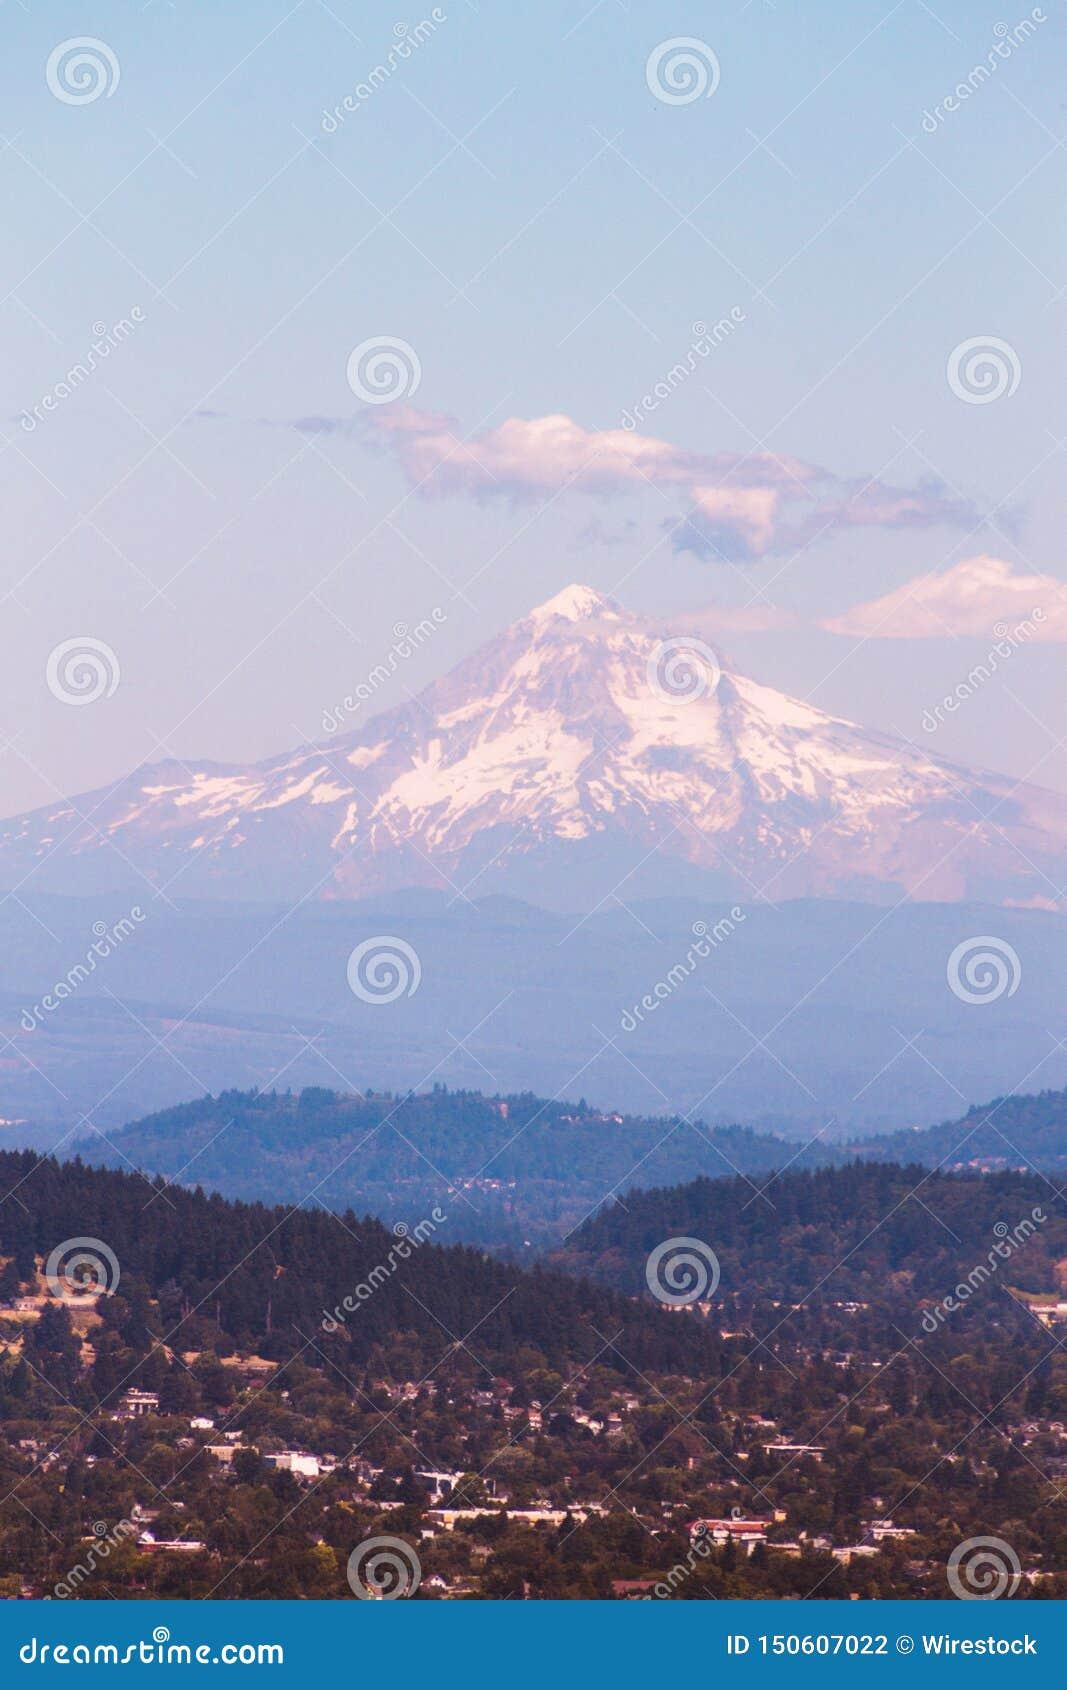 Forest Hills verde com uma montanha nevado bonita no fundo